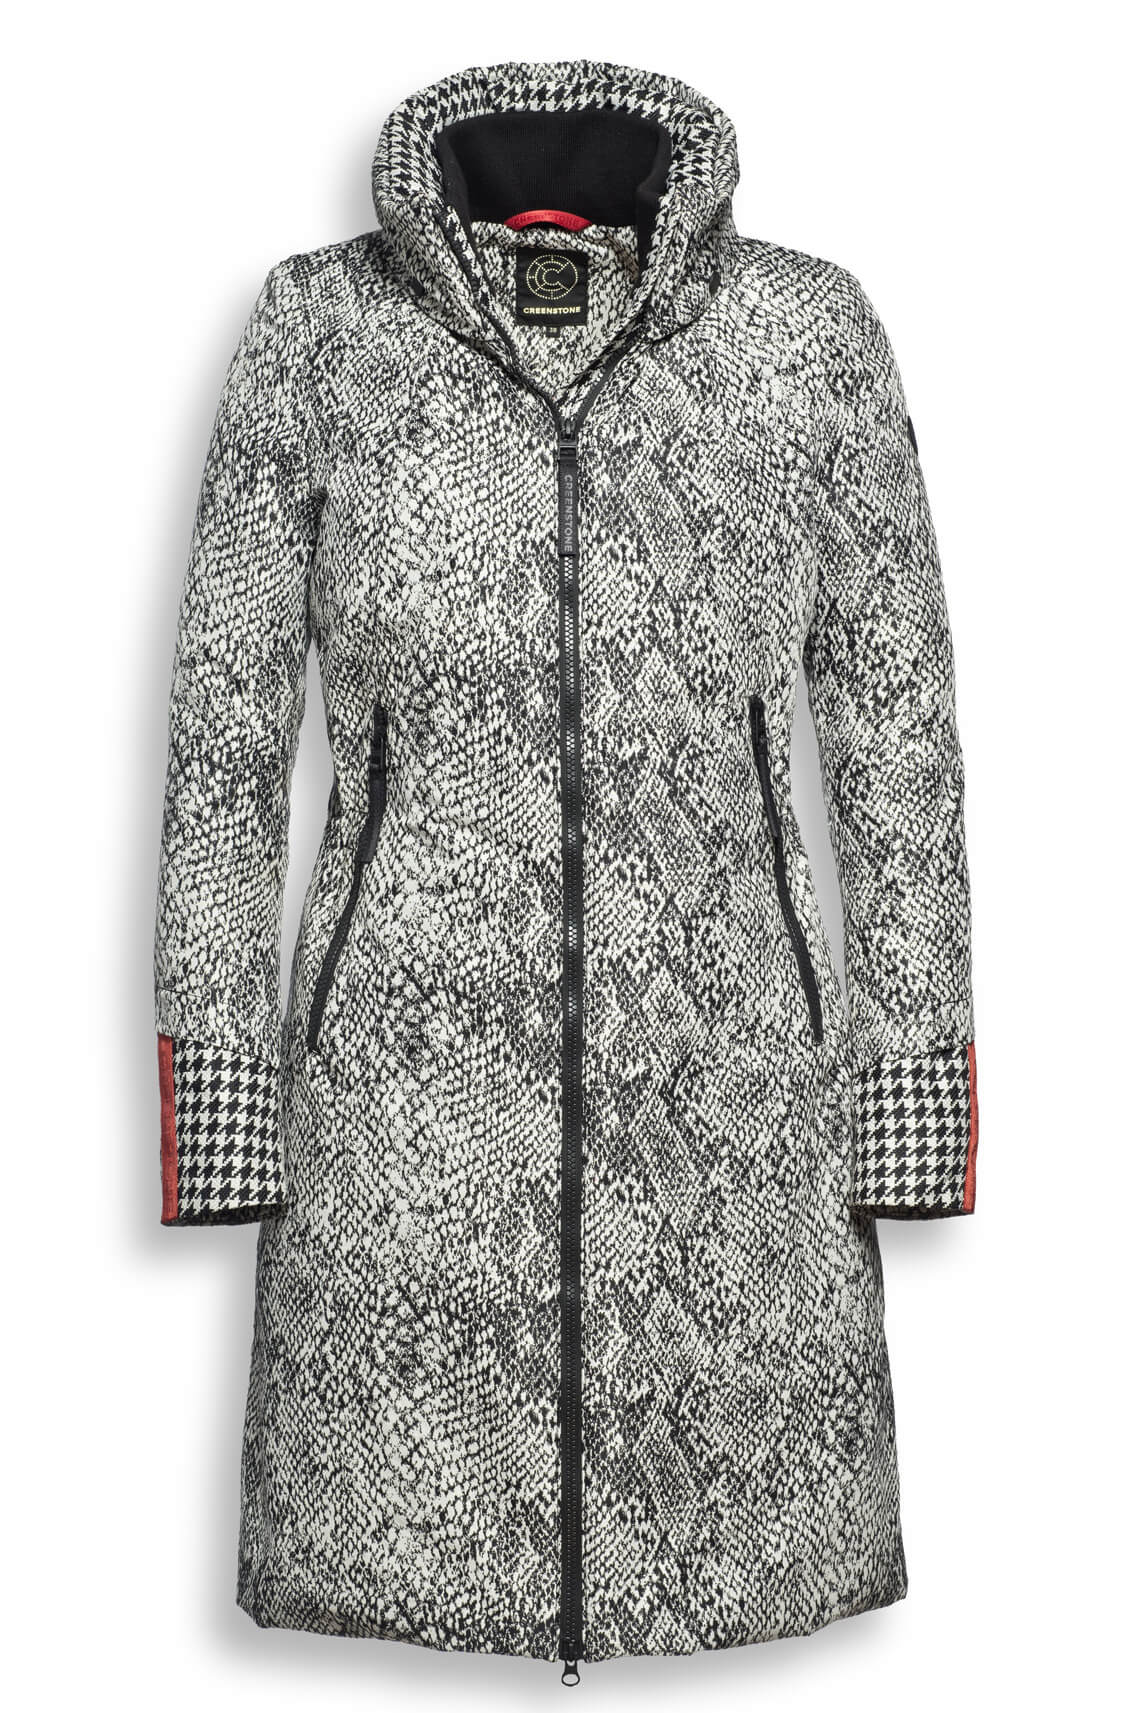 Creenstone Dames Getailleerde jas met reptielprint Ecru